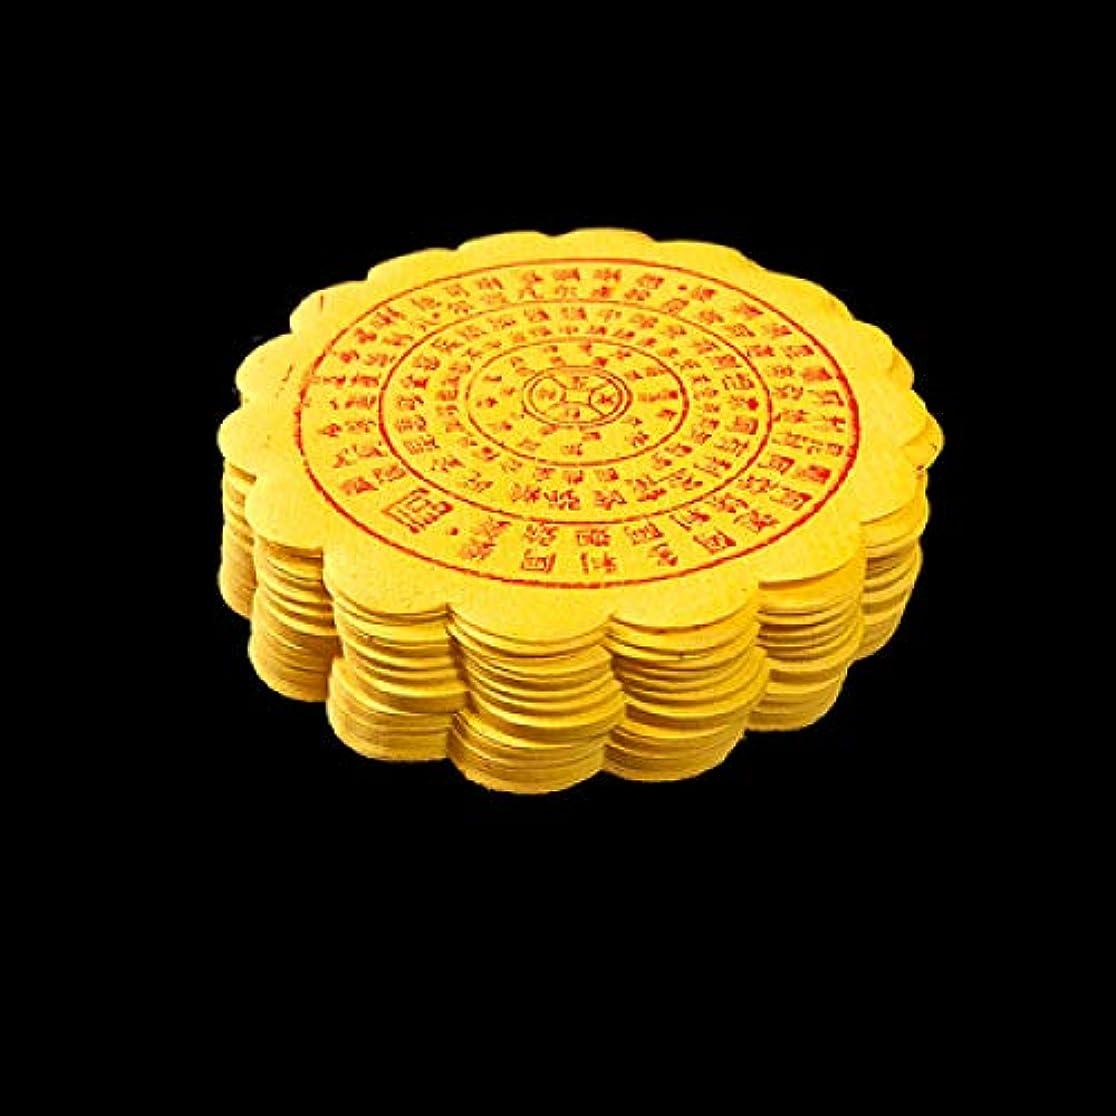 首相静かに残酷中国偽地獄紙幣/お金中国香り紙天国地獄銀行売られ過ぎ人D12cm(200ピース)